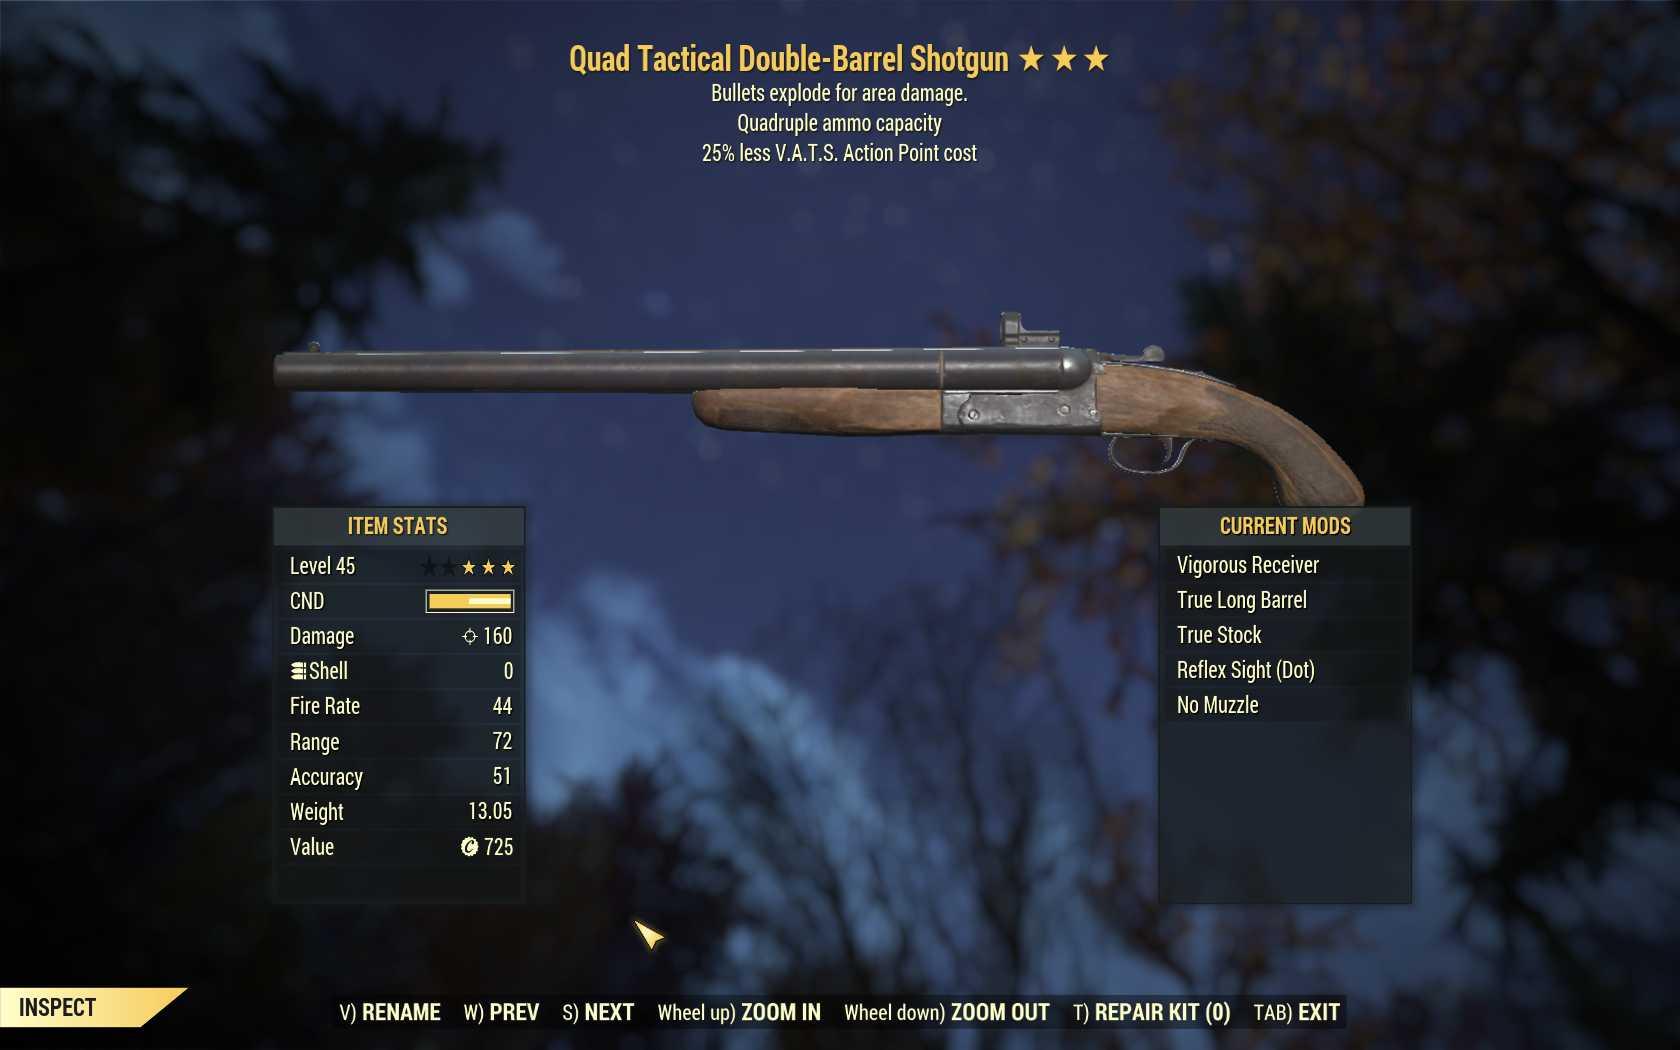 Quad Explosive Double-Barrel Shotgun (25% less VATS AP cost)